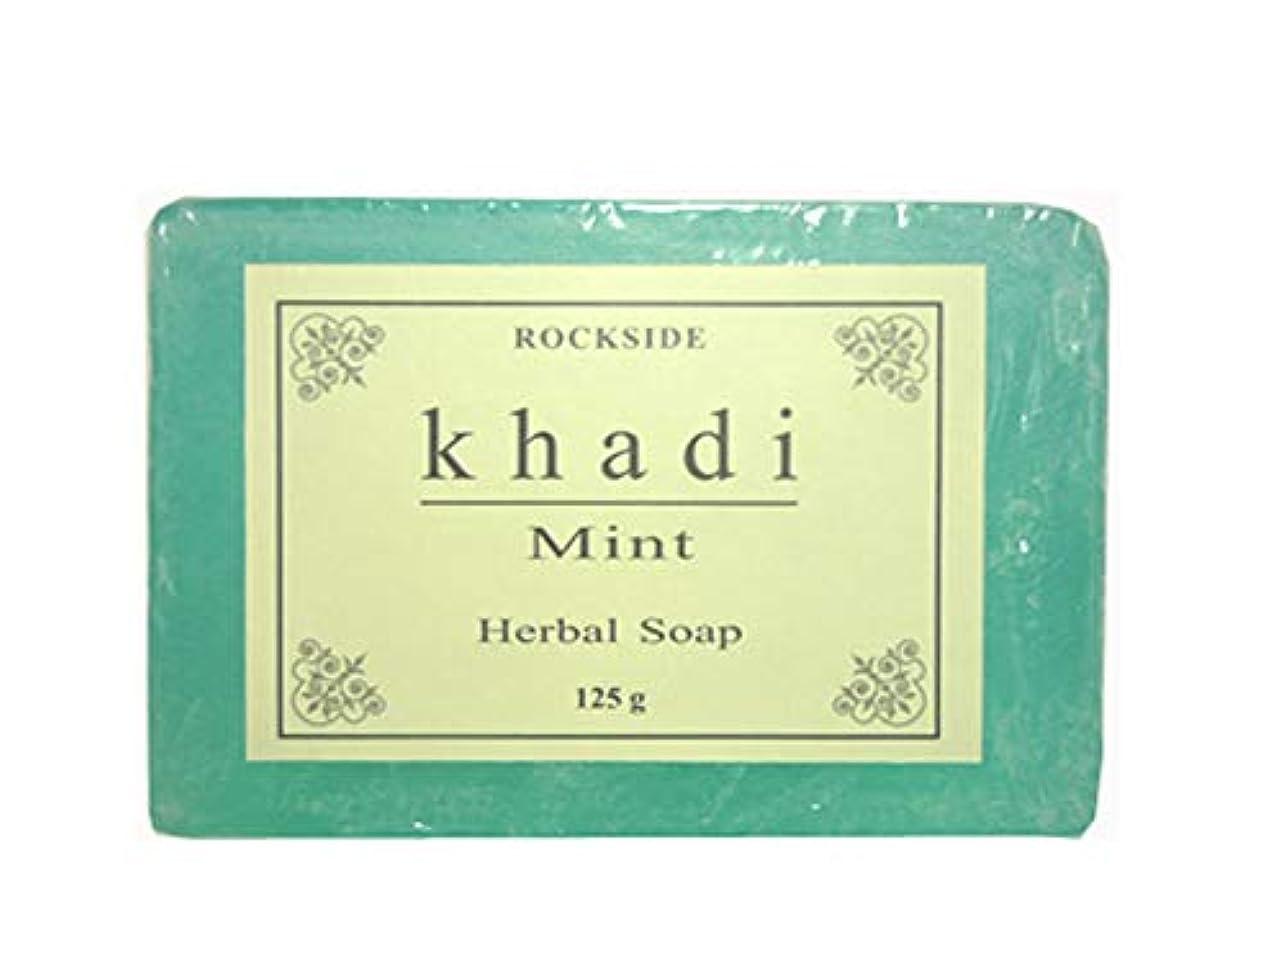 テザーブラケットオッズ手作り  カーディ ミント ハーバルソープ Khadi Mint Herbal Soap